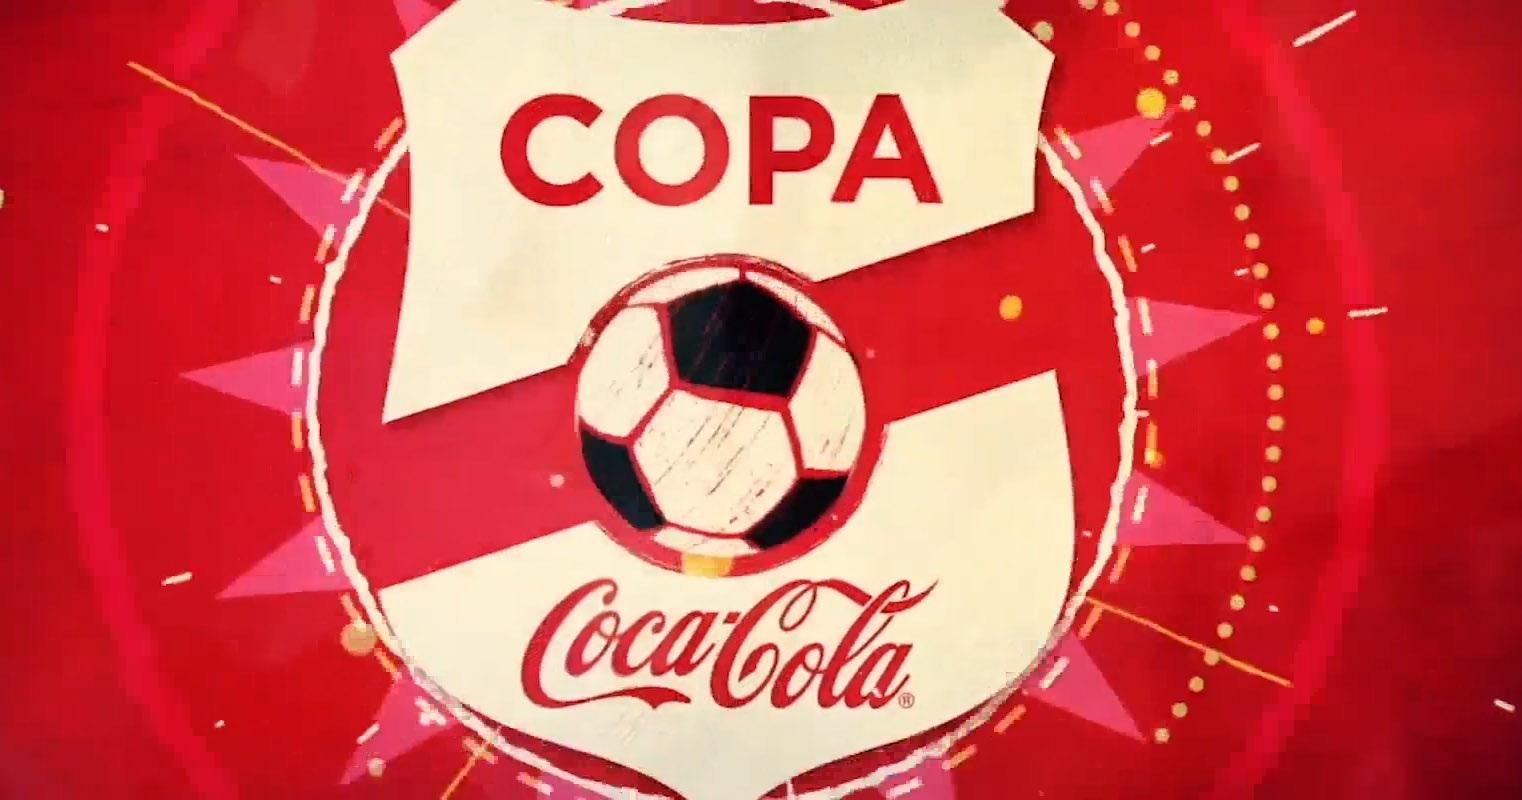 Copa Coca Cola Hero